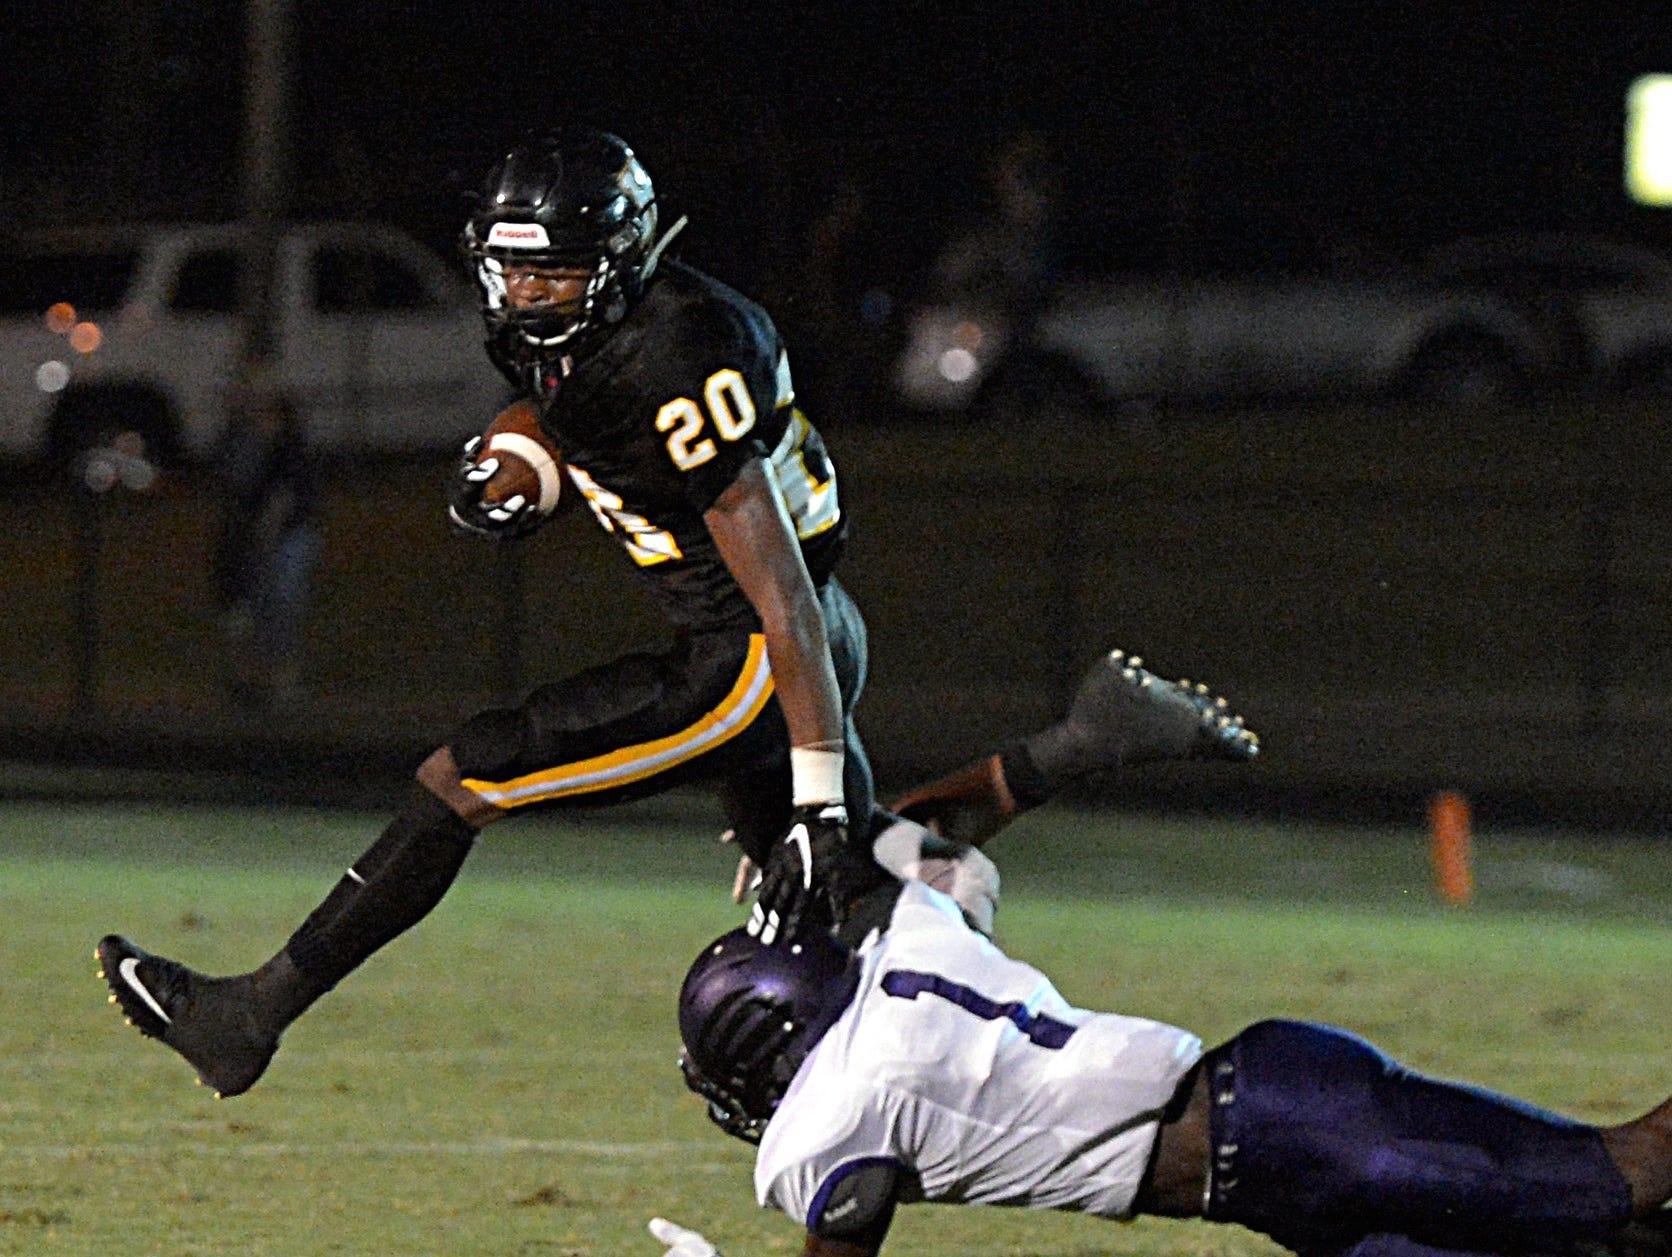 Hendersonville running back Terrell Carter (20)